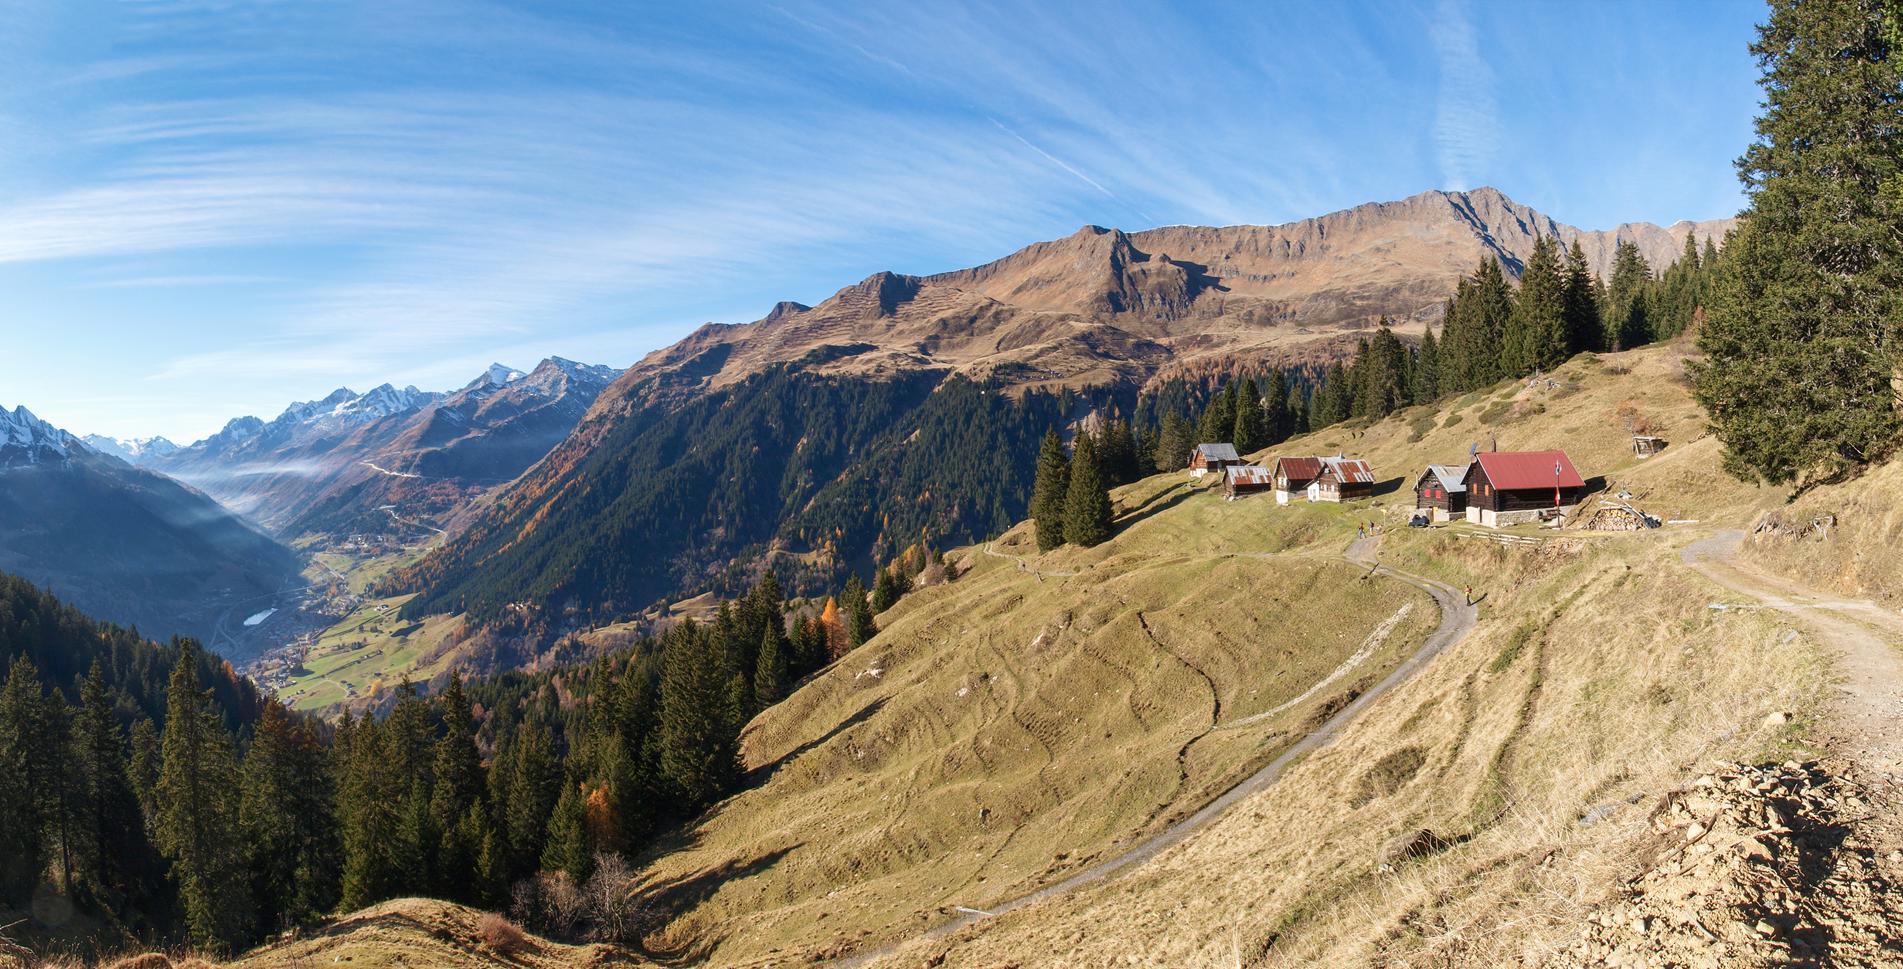 1. Etappe der Wanderung / Höhenwanderung auf der Strada Alta im Tessin und im Valle Leventina von Airolo via Brugnasco, Altanca, Deggio, Lurengo, Freggio nach Osco